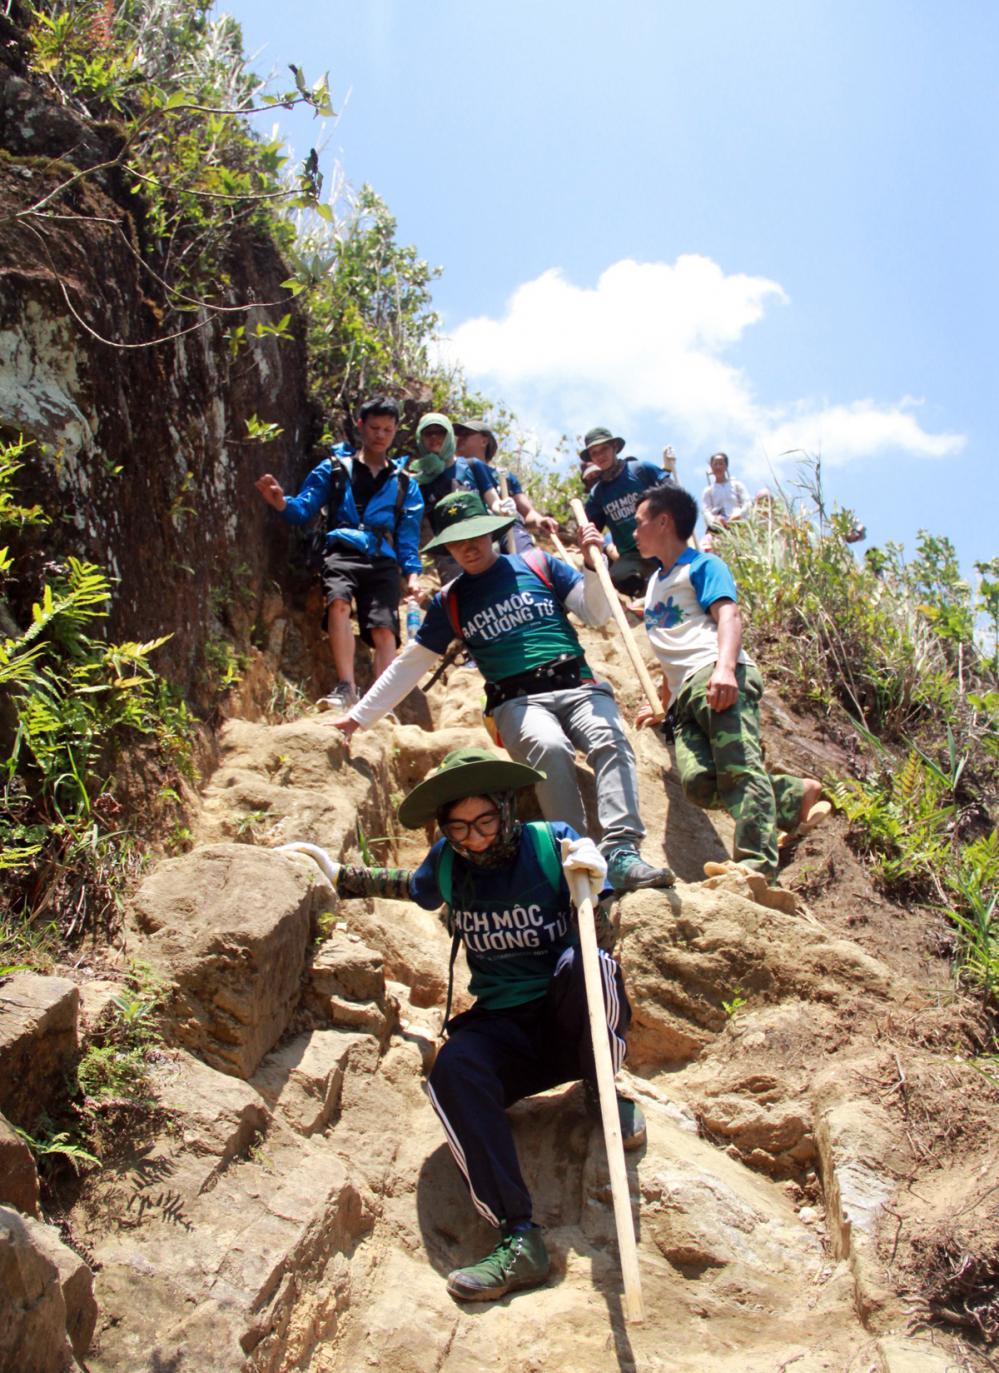 Xem dân văn phòng chinh phục đỉnh Ky Quan San ở độ cao 3046m Ảnh 6